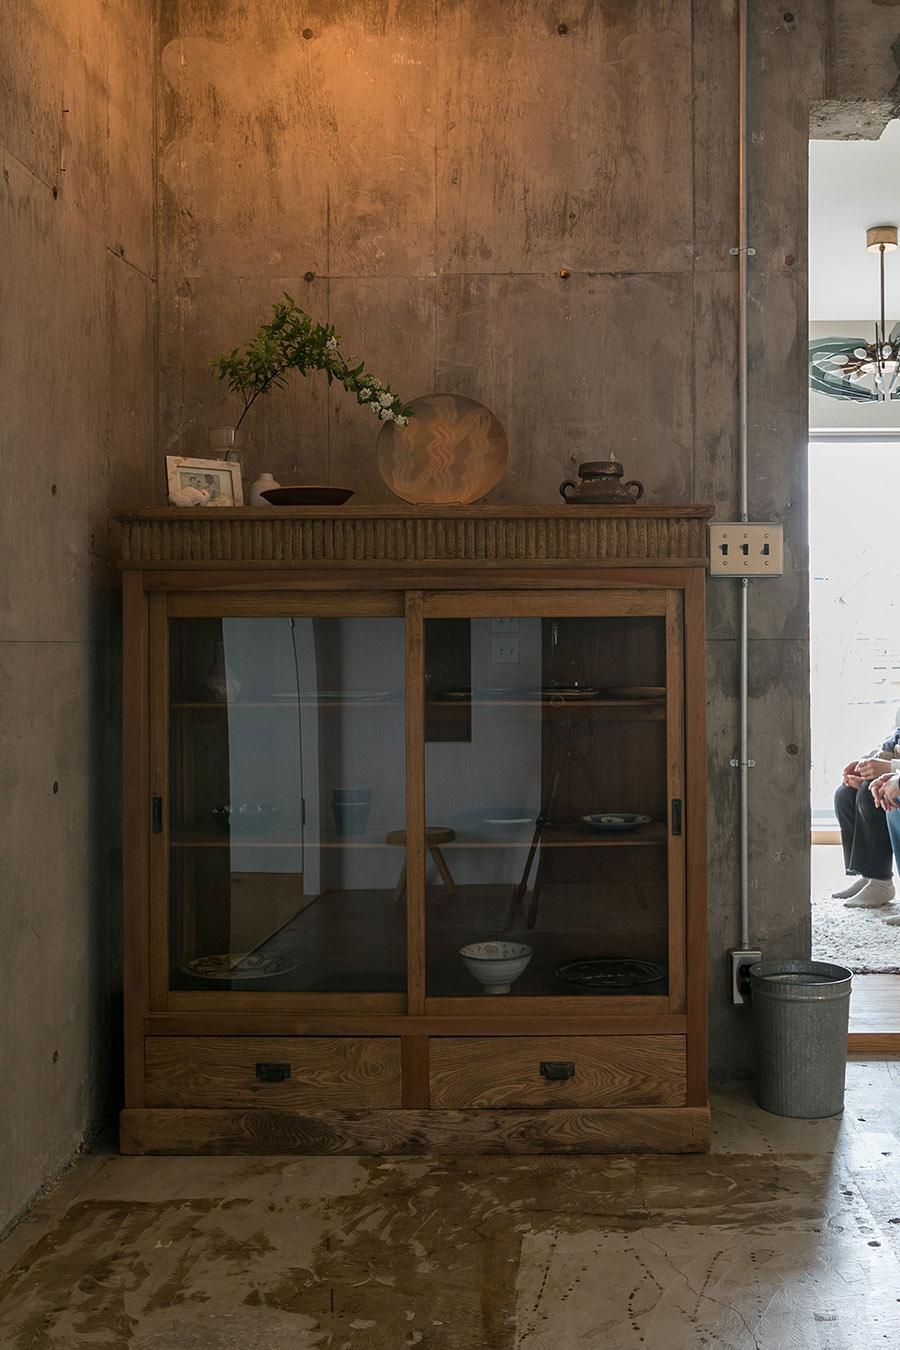 和の骨董家具には、益子焼を始めとするお気に入りの器が飾られている。